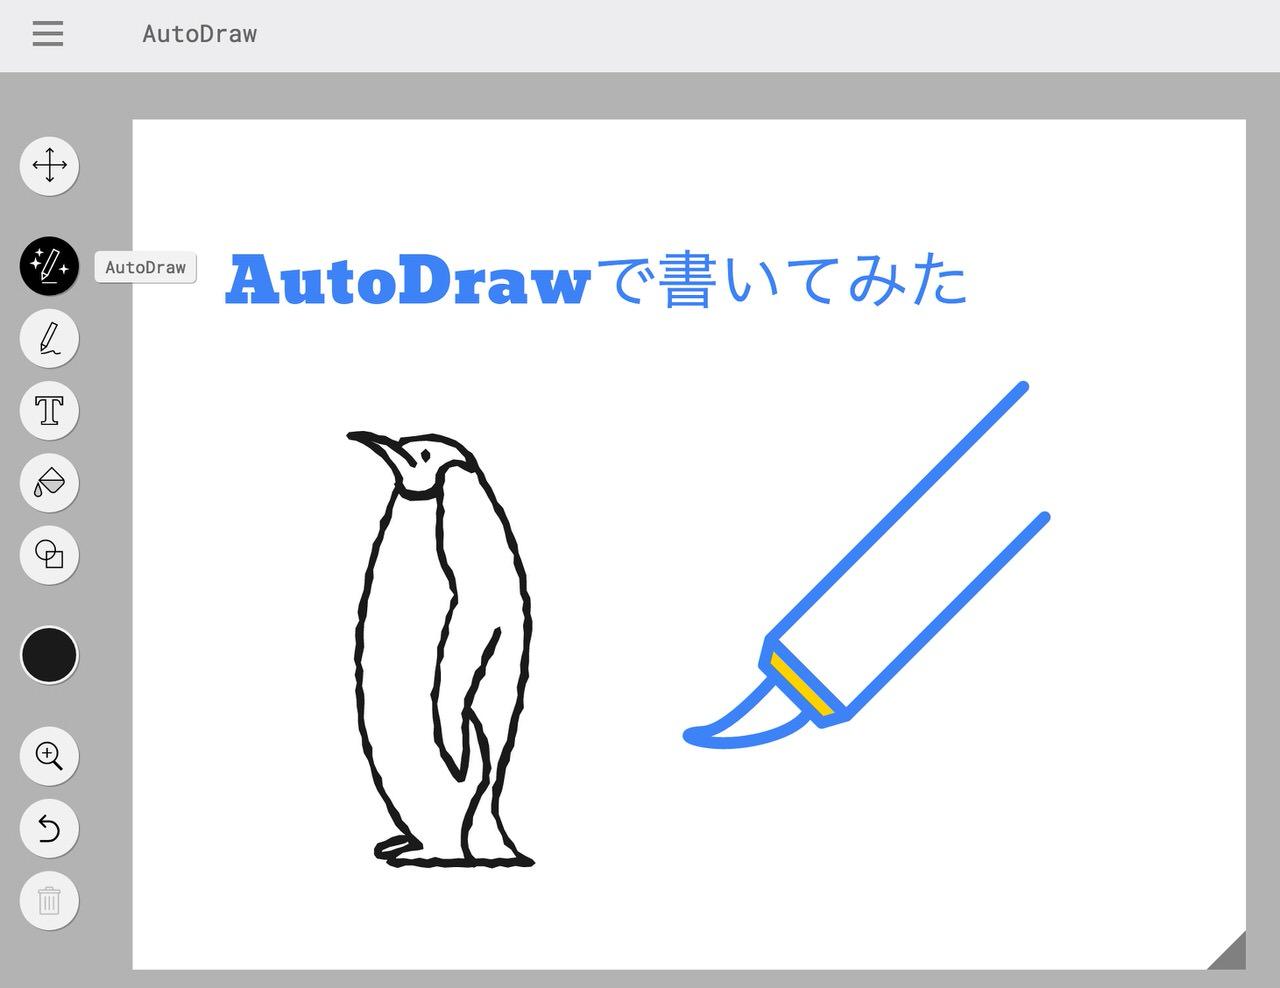 落書きOK!AIが手描きの絵をサポートしてくれる「AutoDraw」使い方